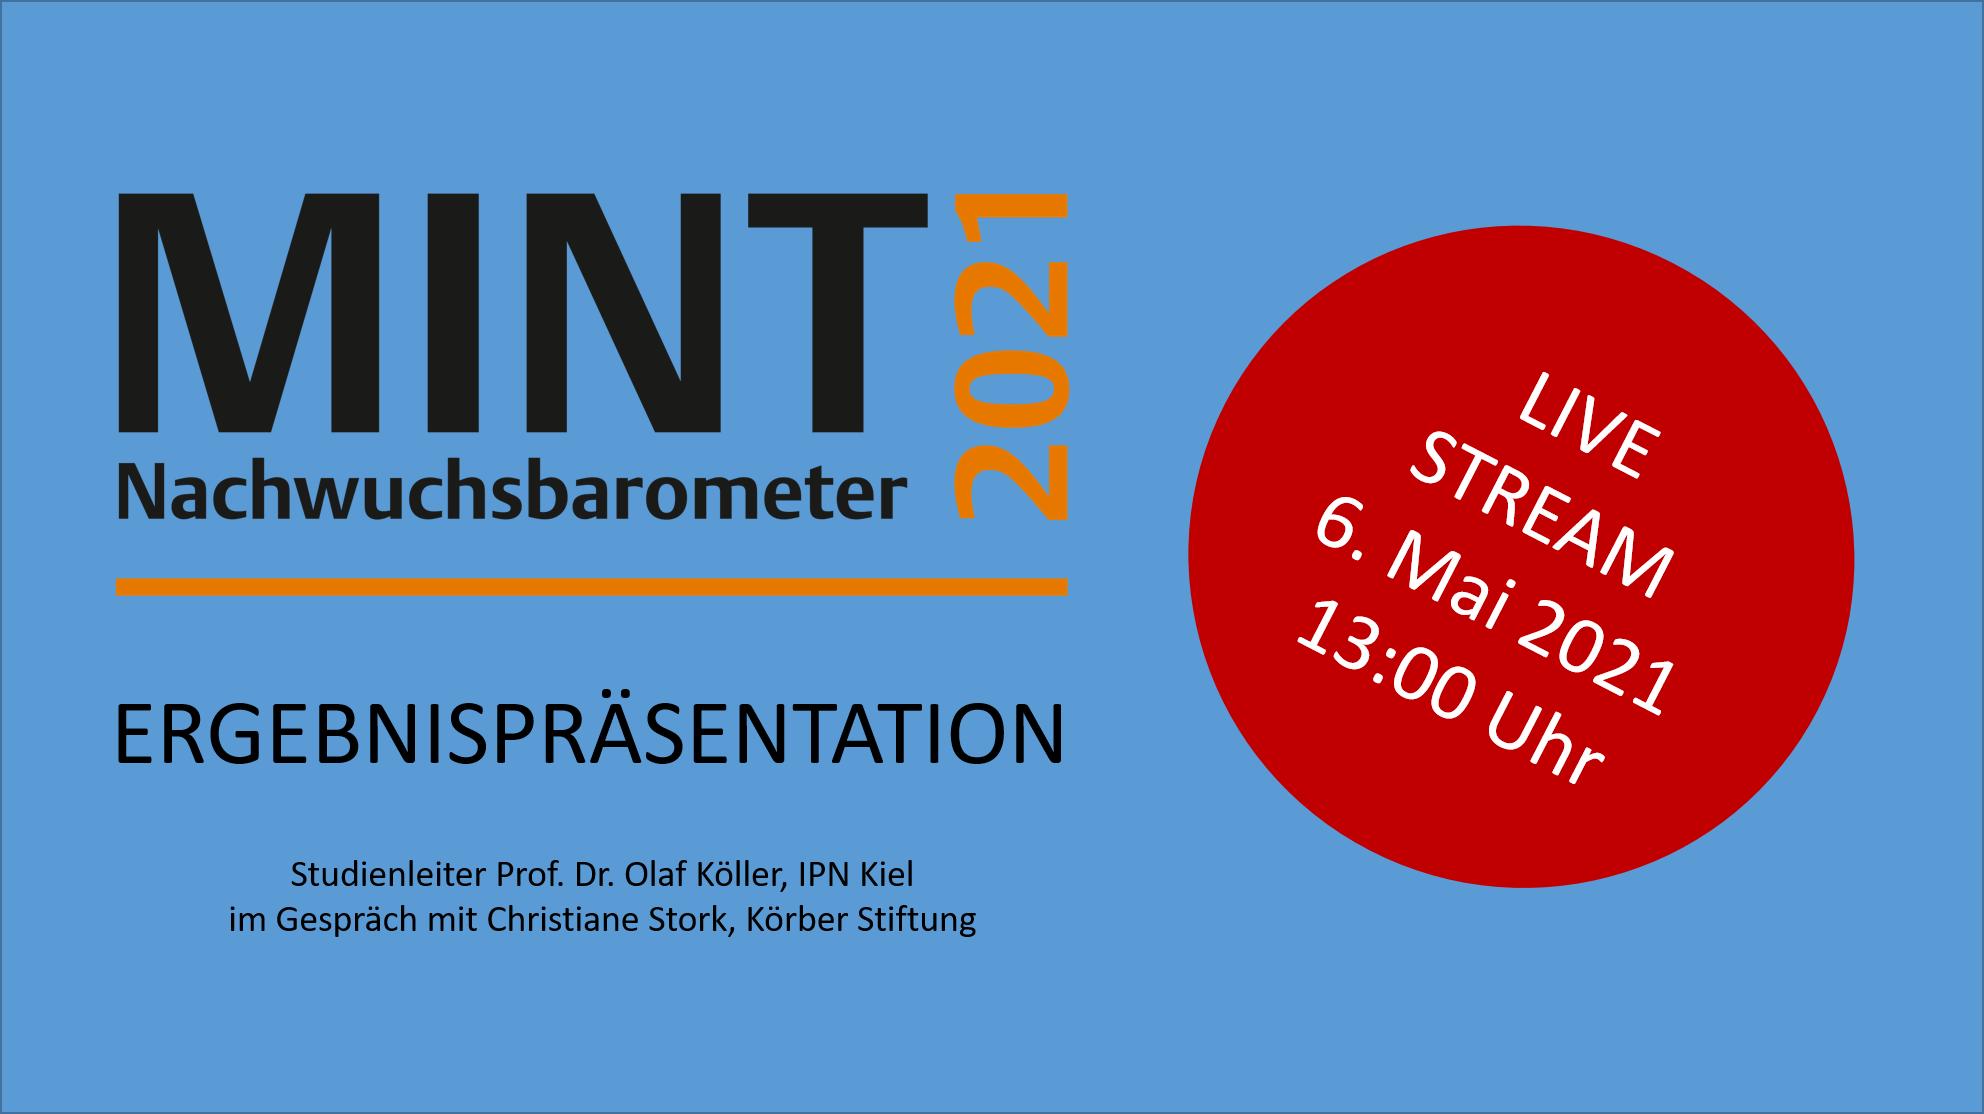 Online-Präsentation am Donnerstag, 6. Mai 2021, 13:00 h: MINT Nachwuchsbarometer 2021